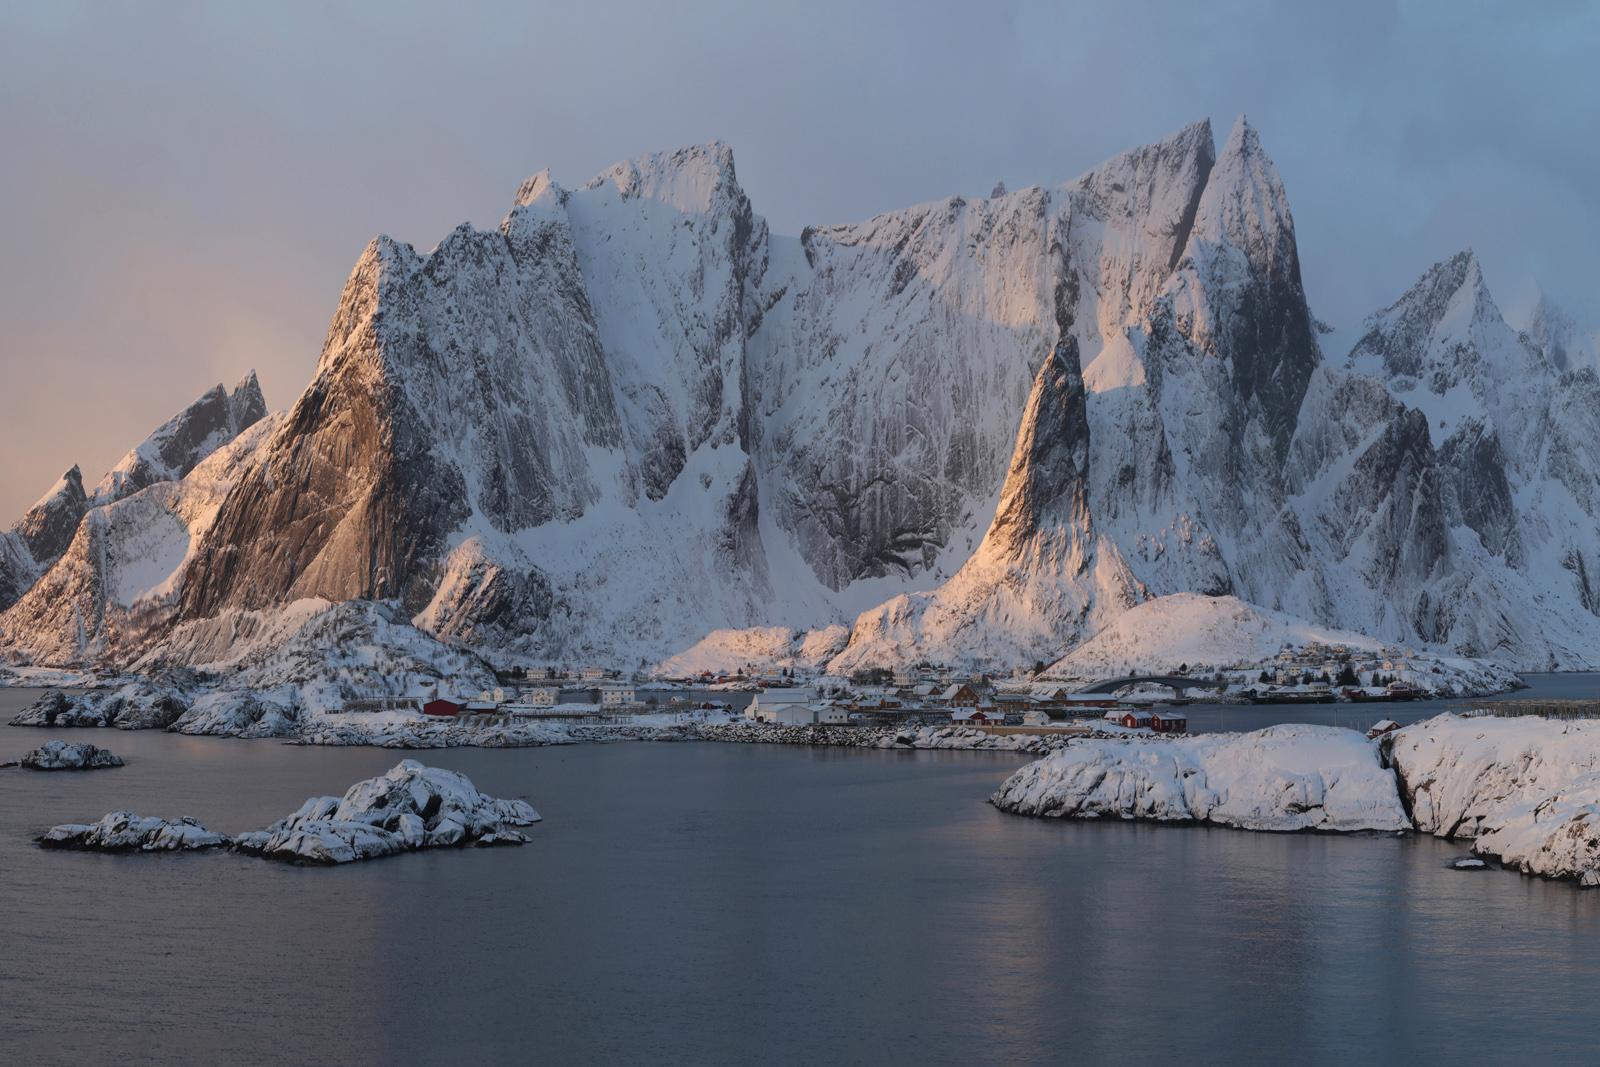 Norwegian narnia